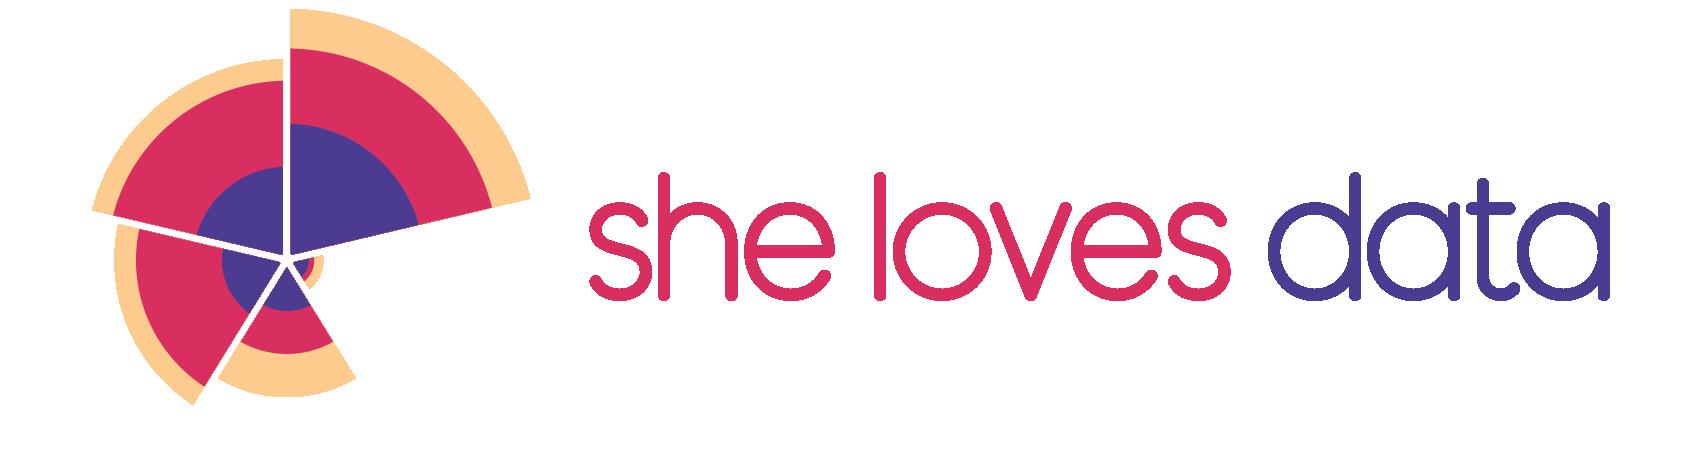 She Loves Data - Logo